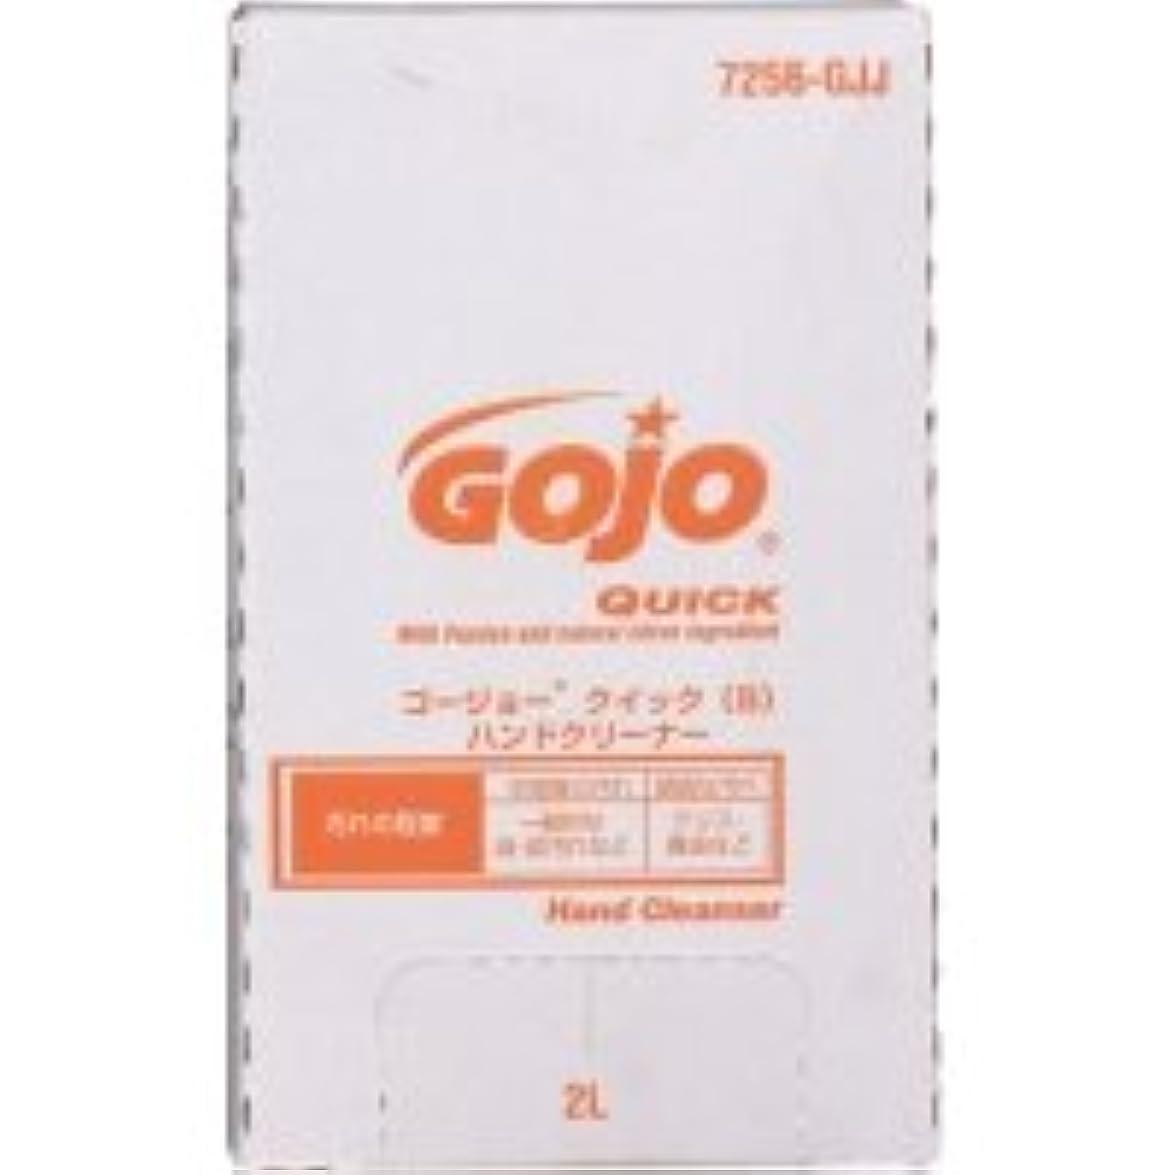 入り口リンクセットアップGOJO クイック(S)ハンドクリーナー ディスペンサー用 2000ml 1個